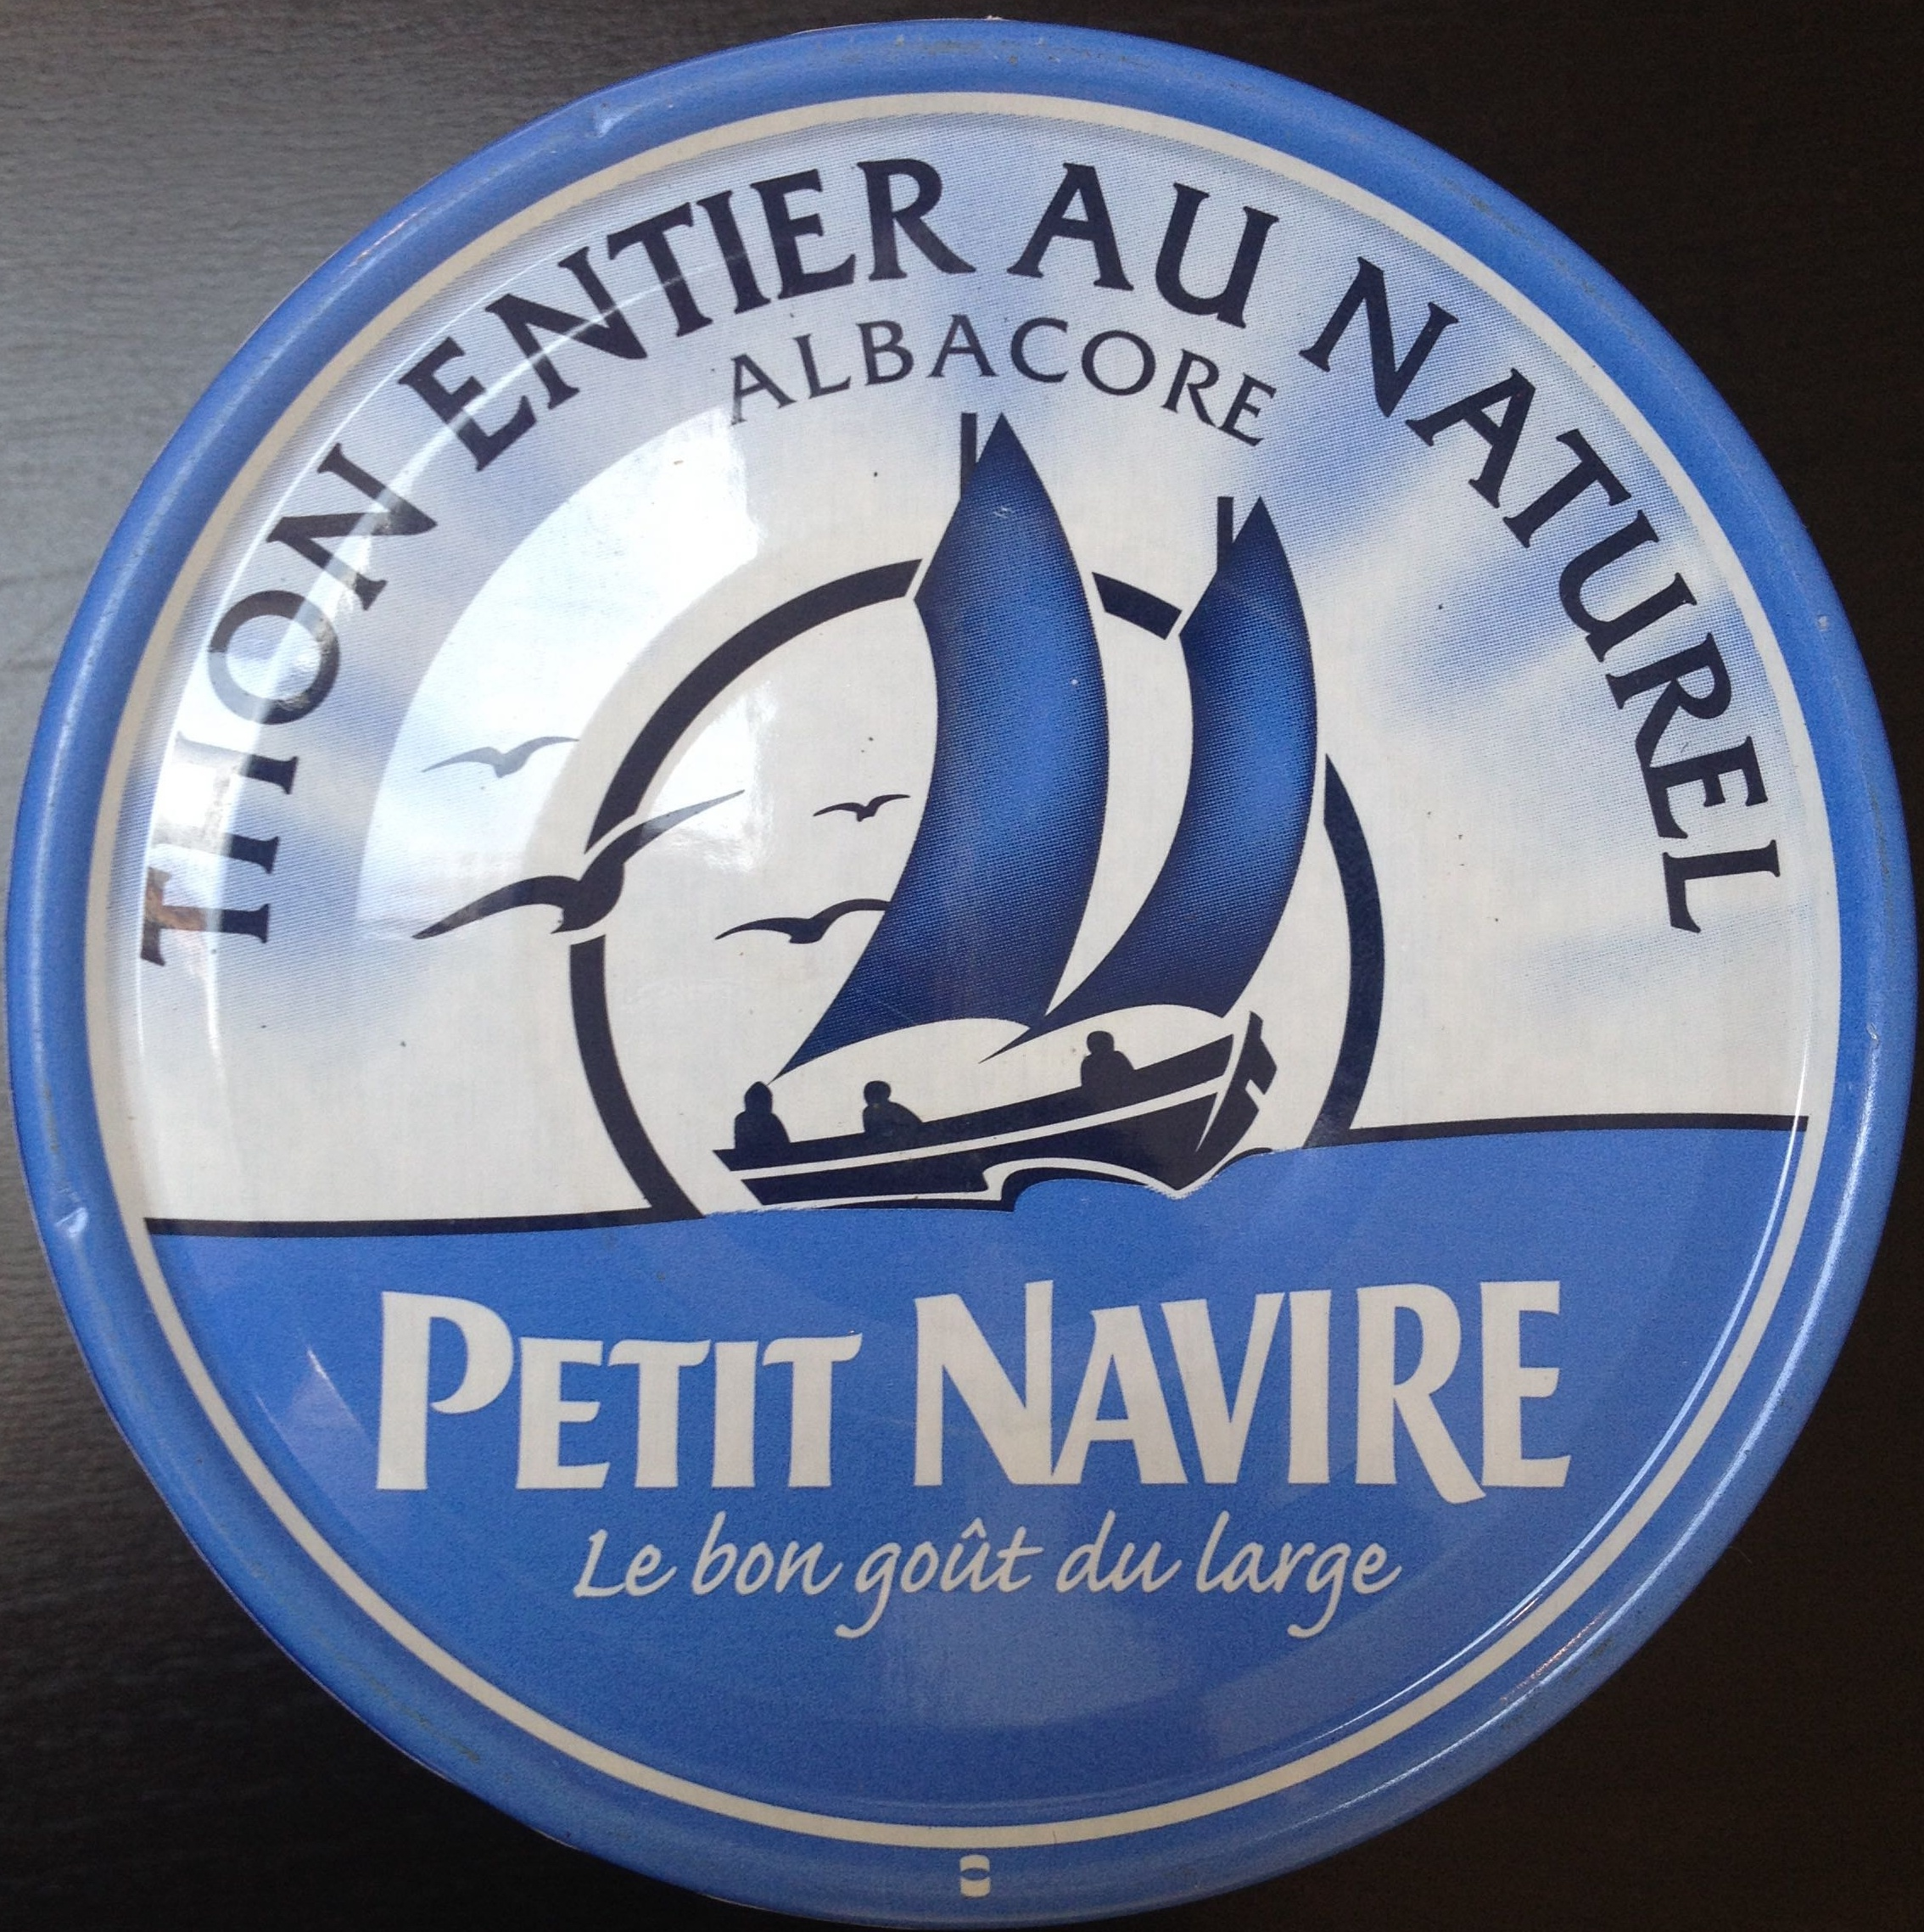 Thon entier au naturel - Albacore - Product